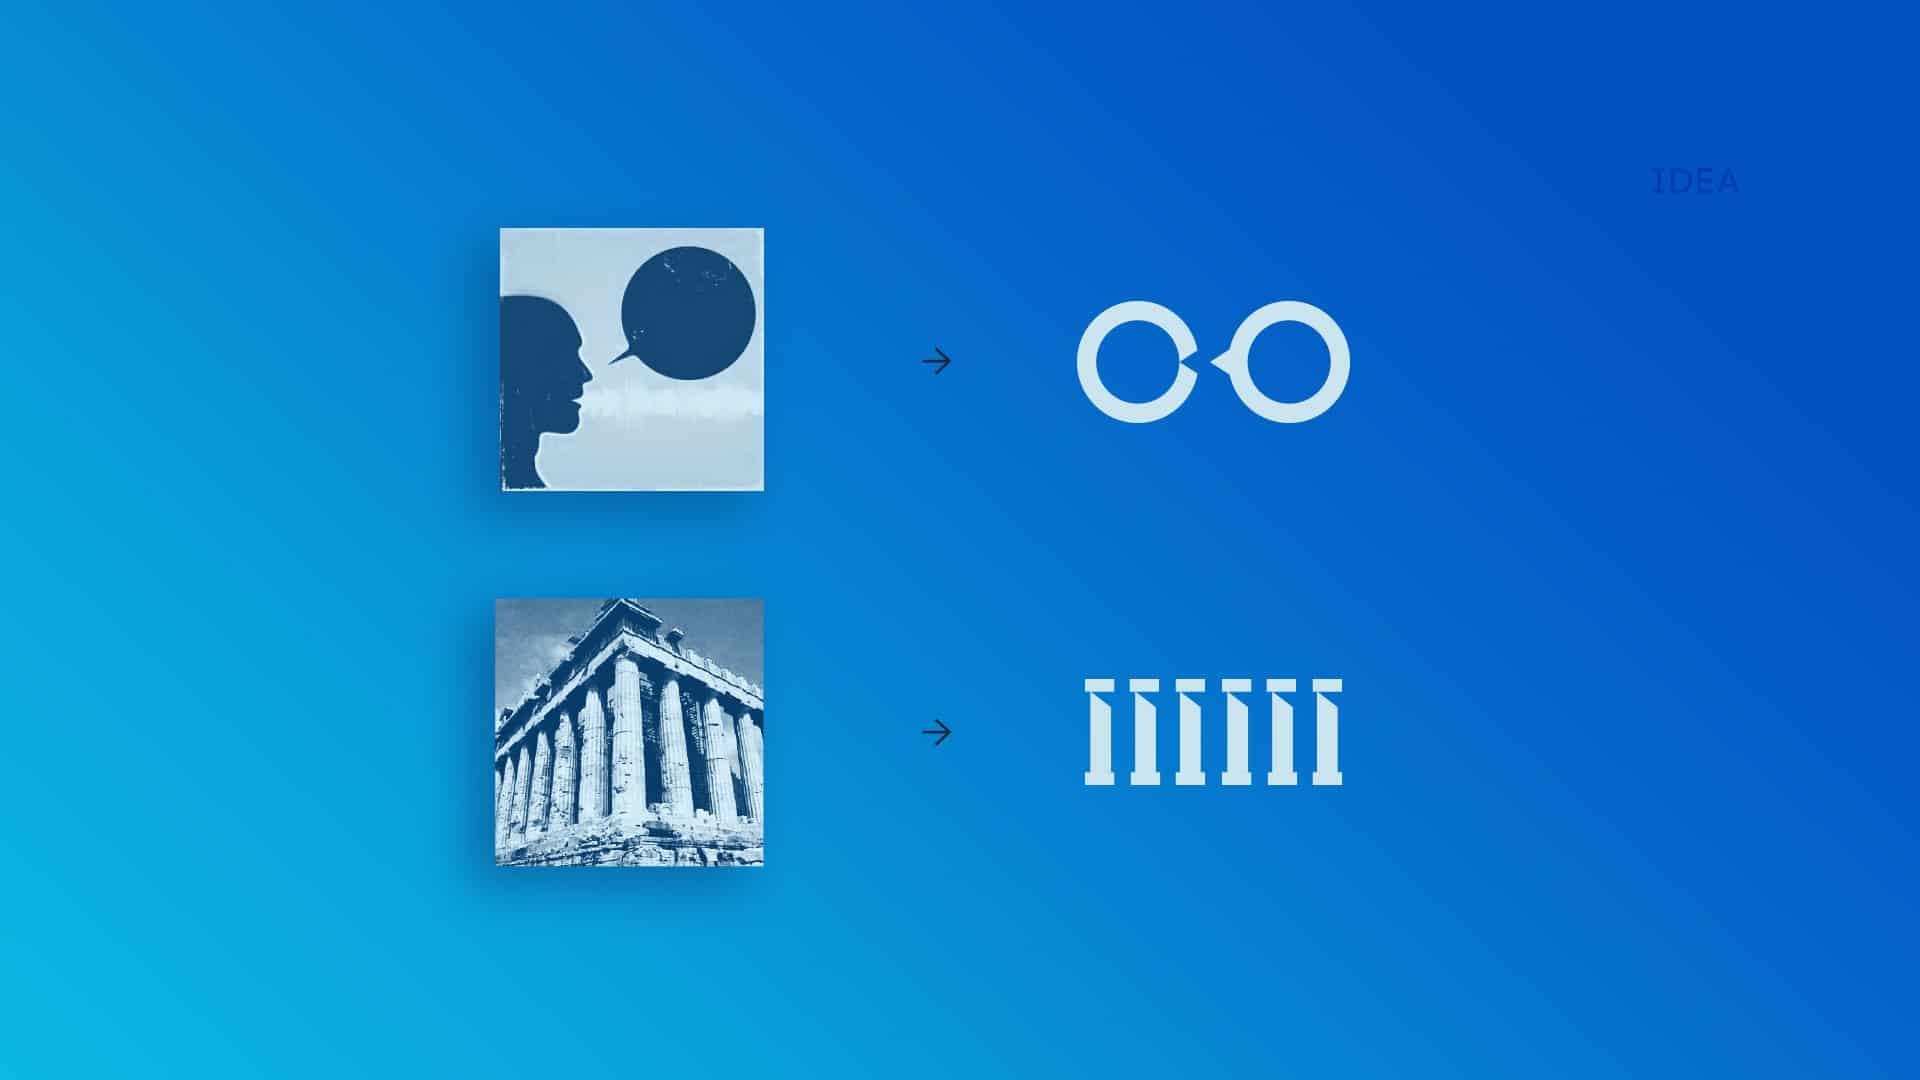 Логика разработки логотипа бренда: он должен ассоциироваться с деятельностью компании